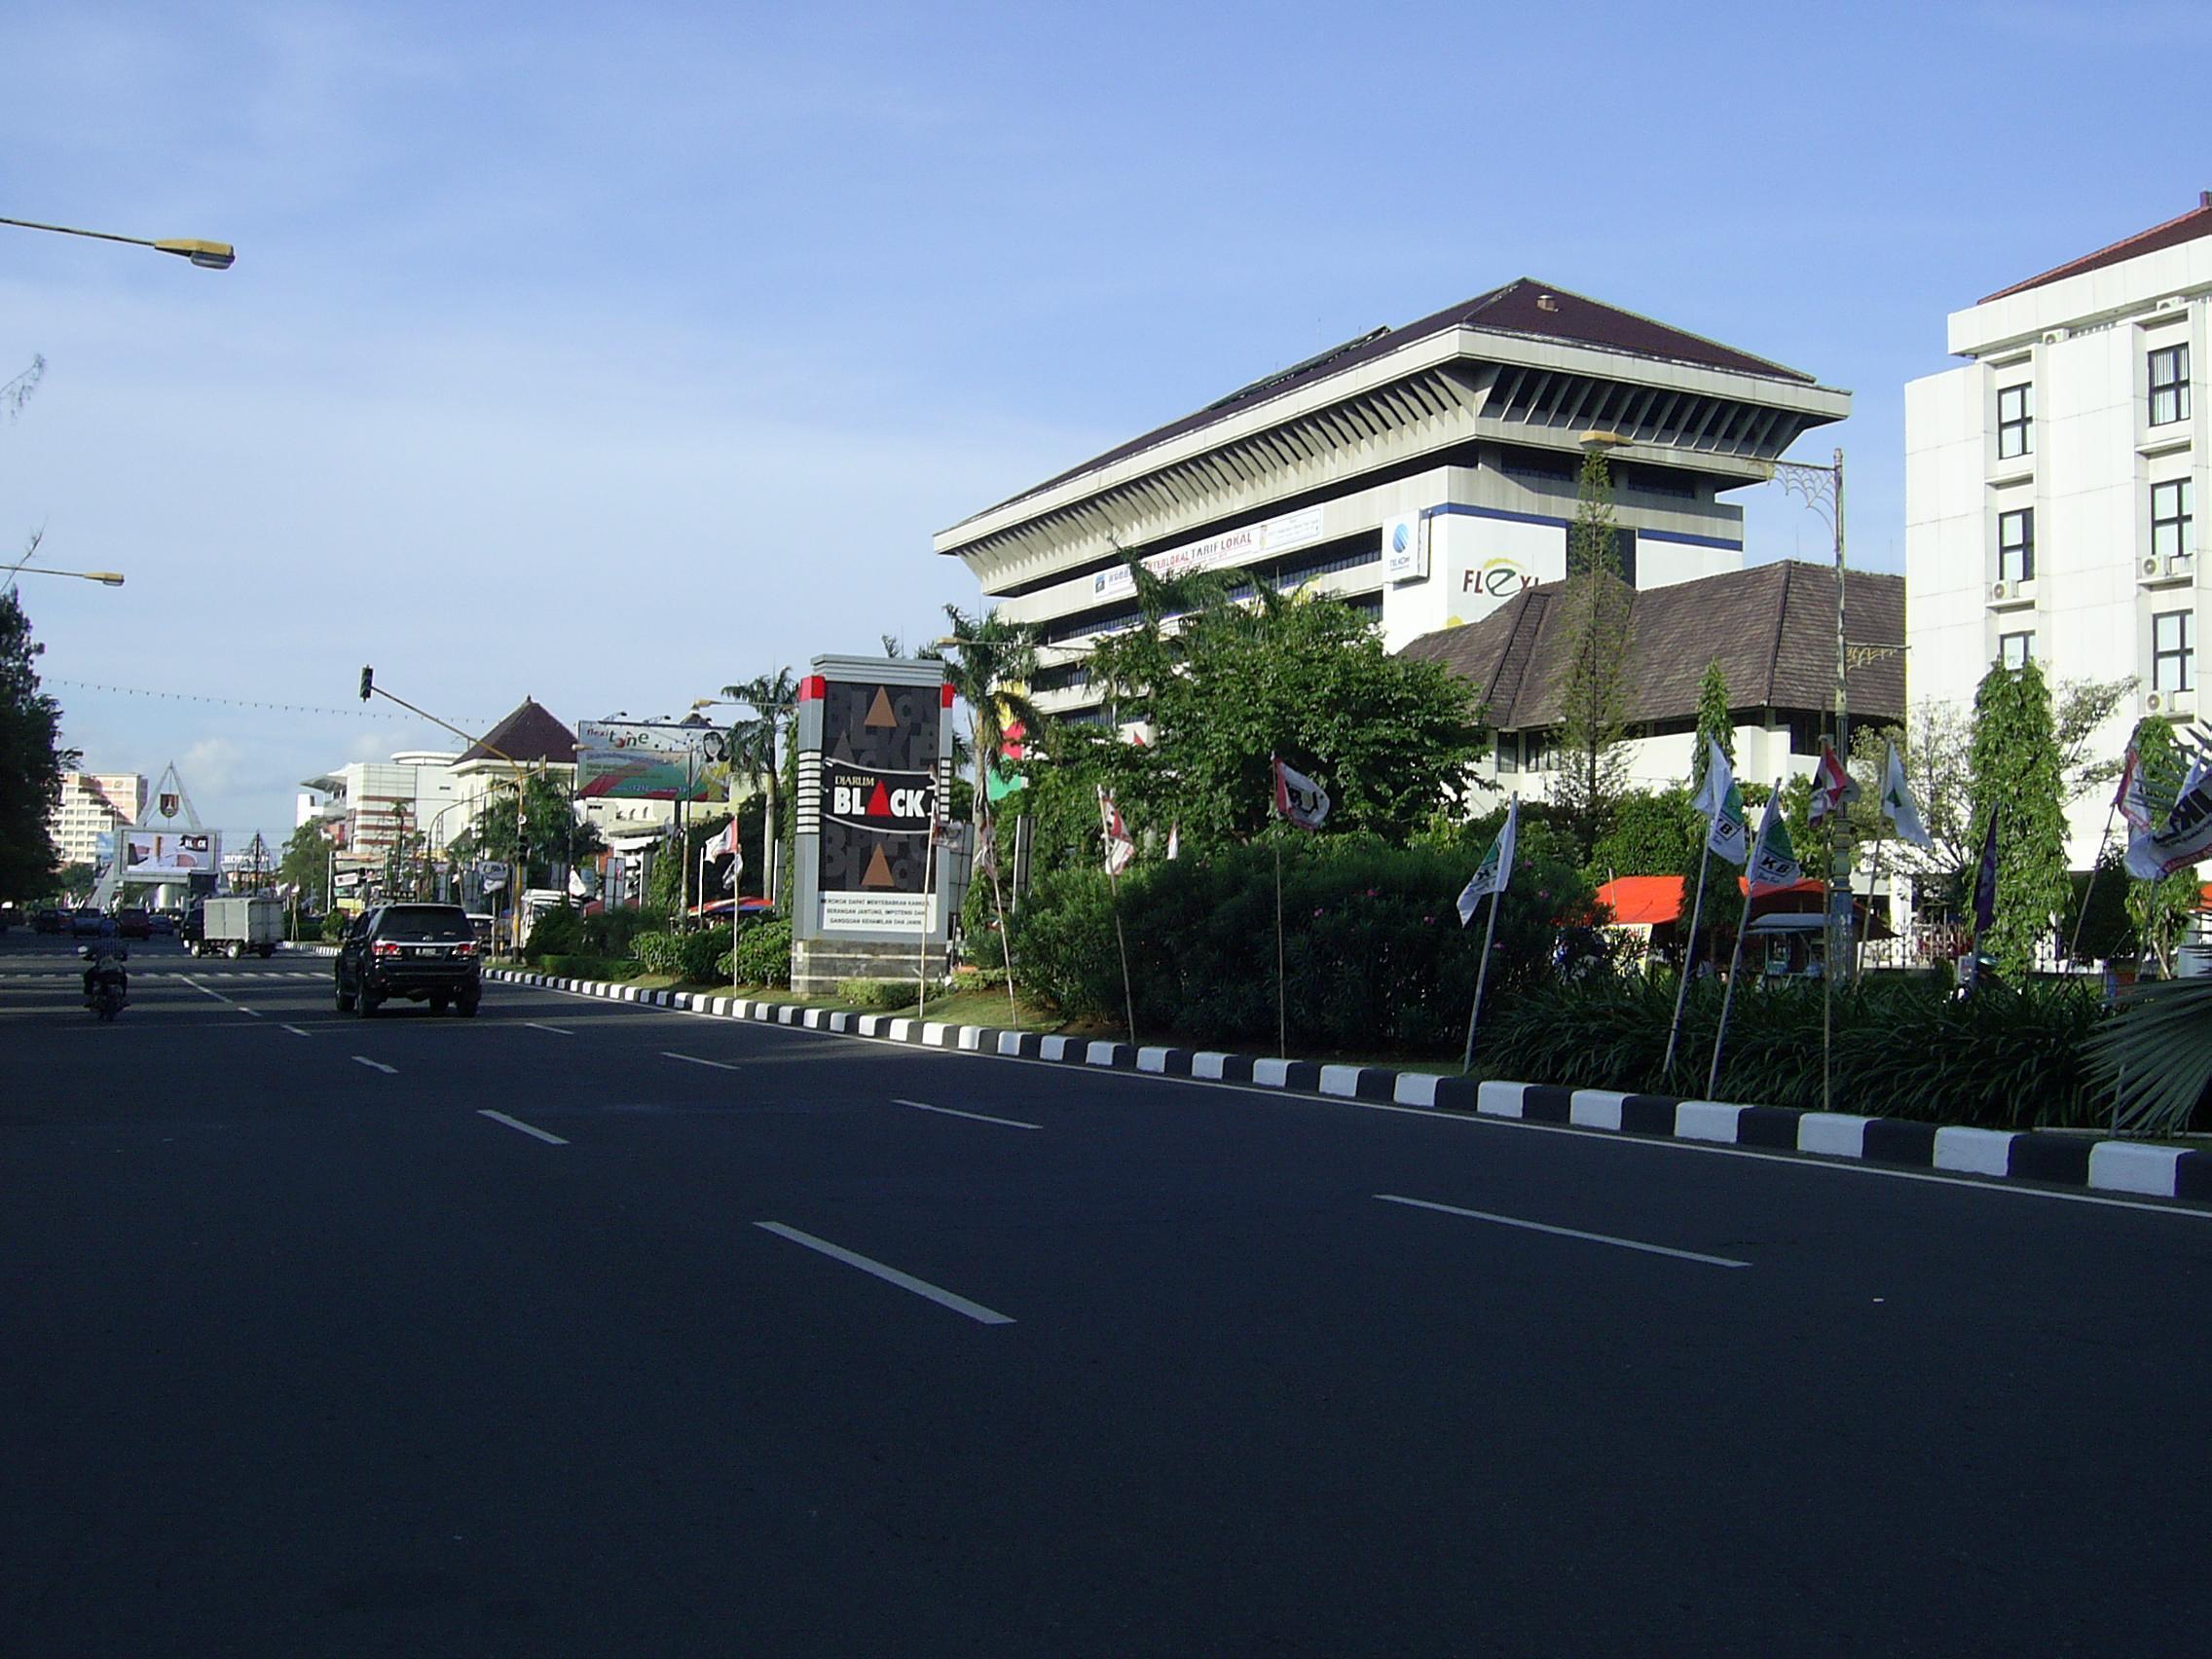 Semarang merupakan salah satu kota besar di Indonesia